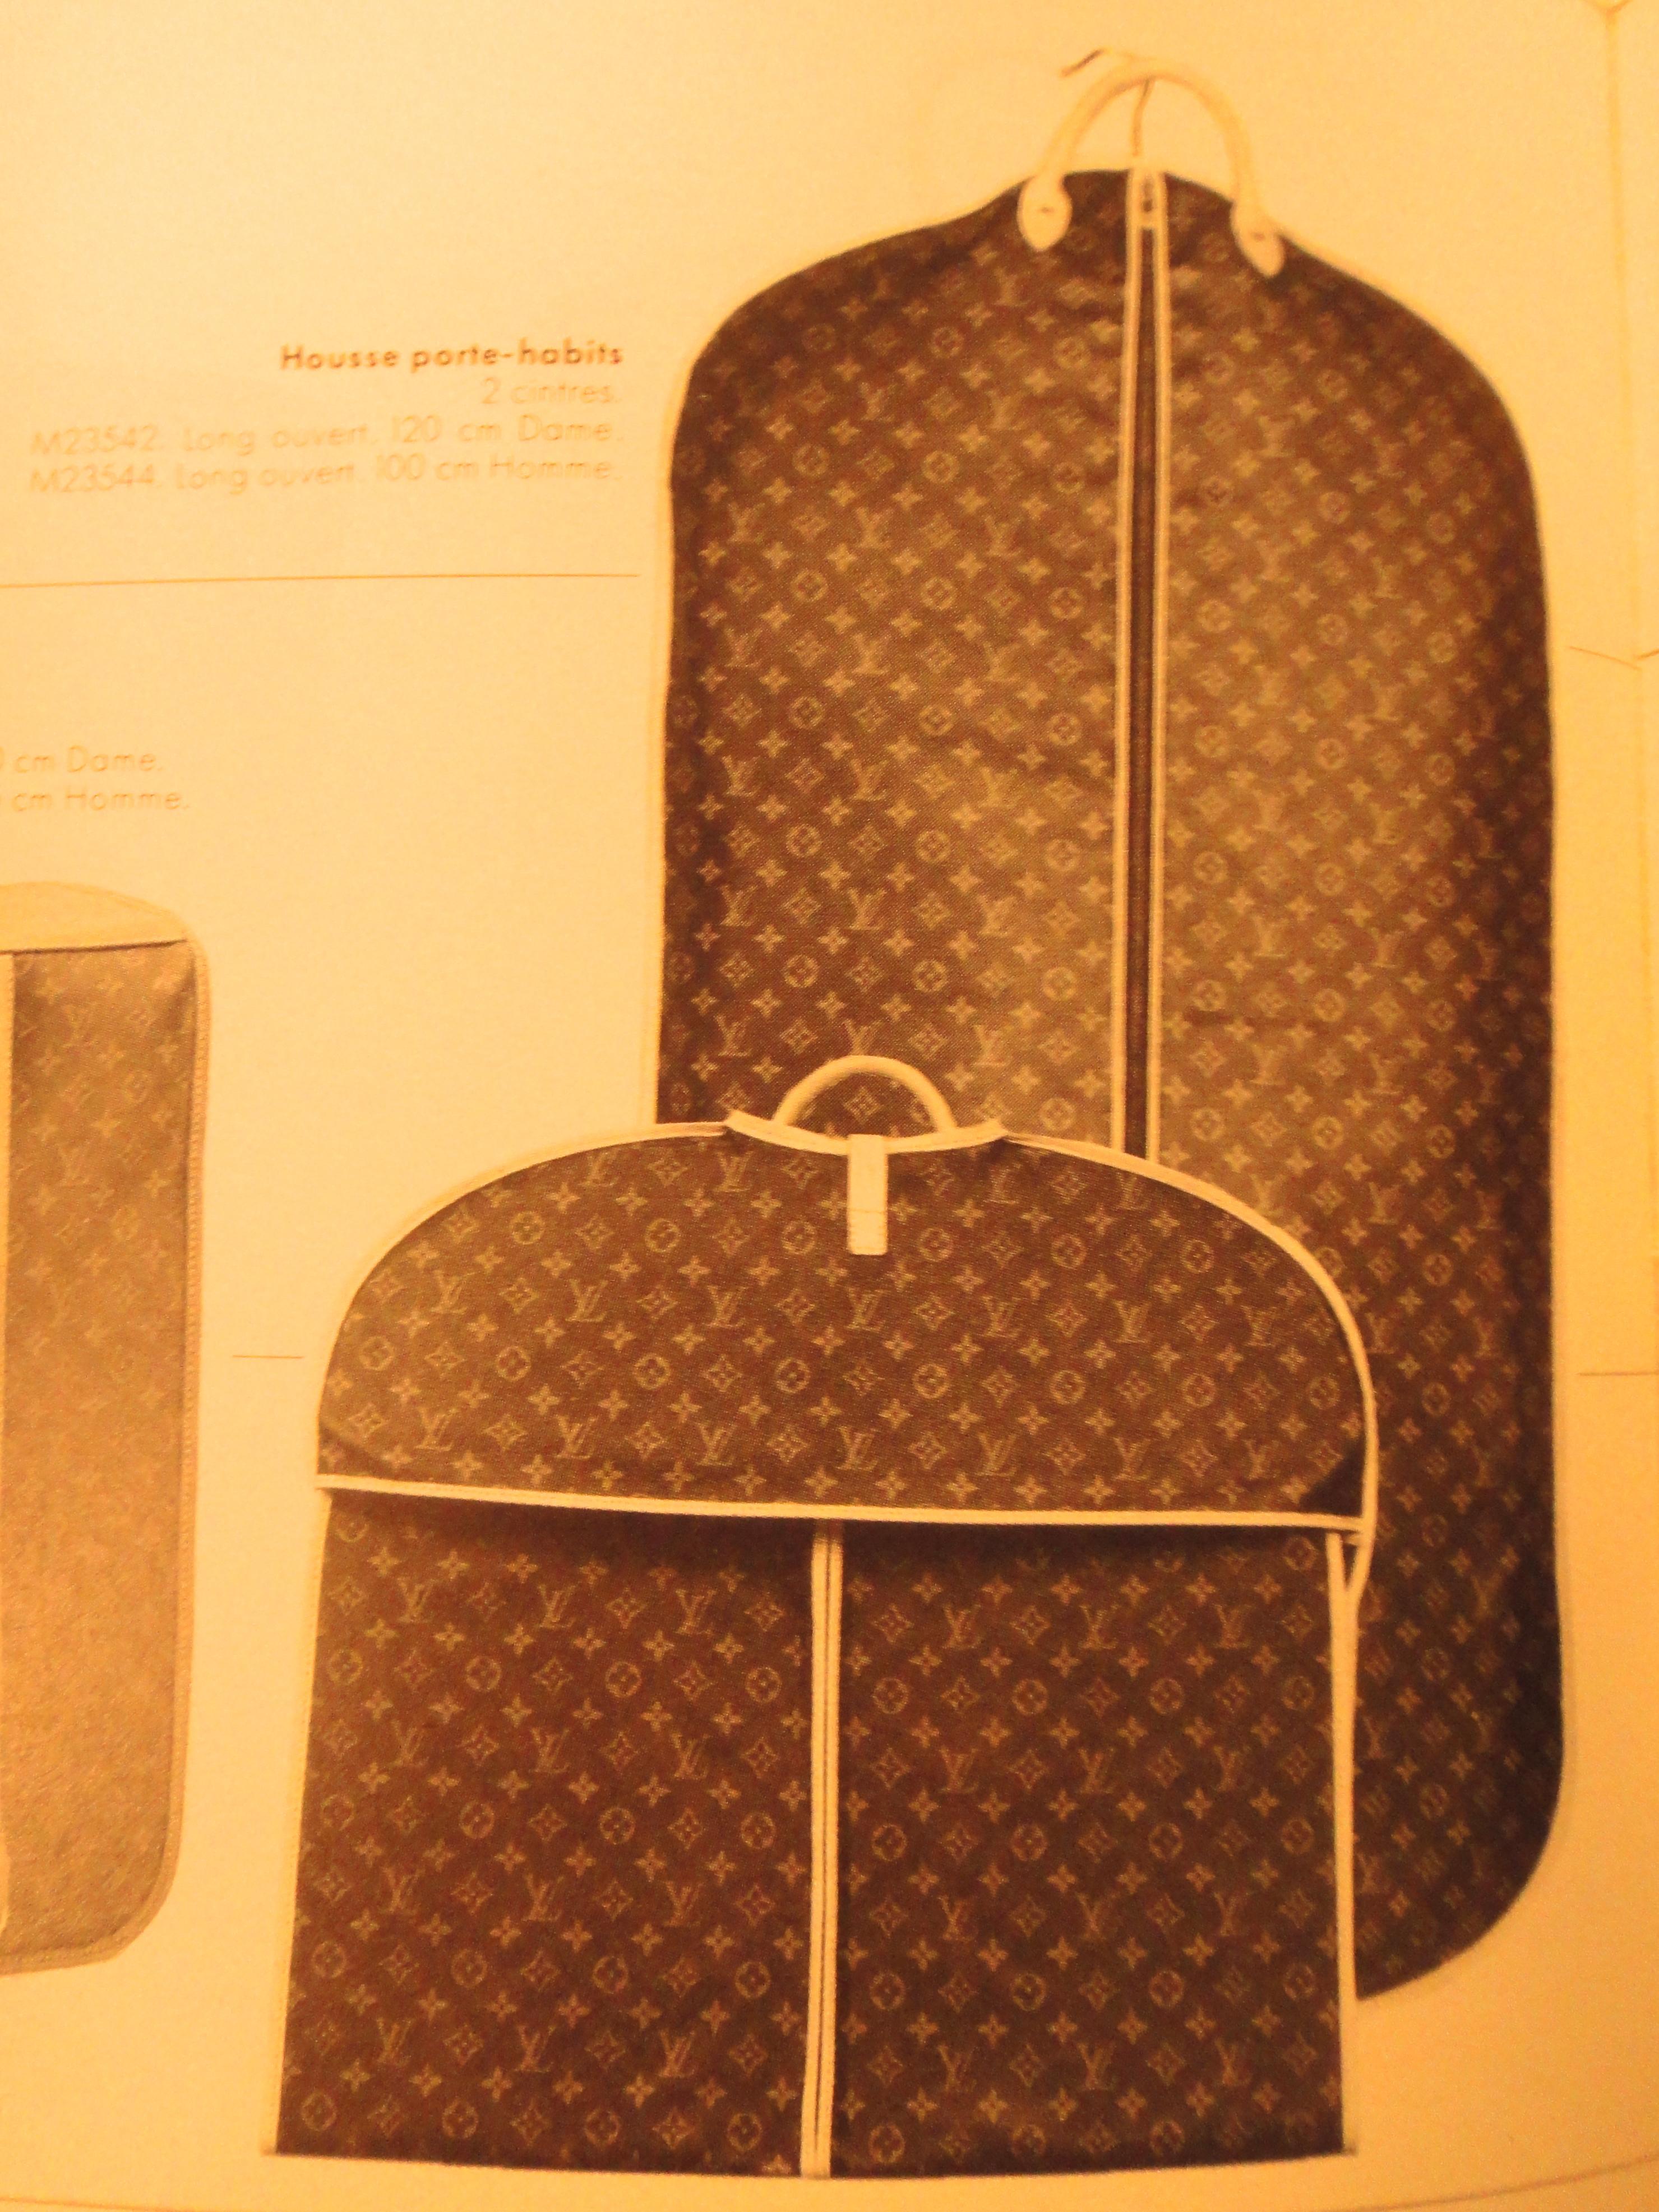 (c) Louis Vuitton Le Catalogue 1987